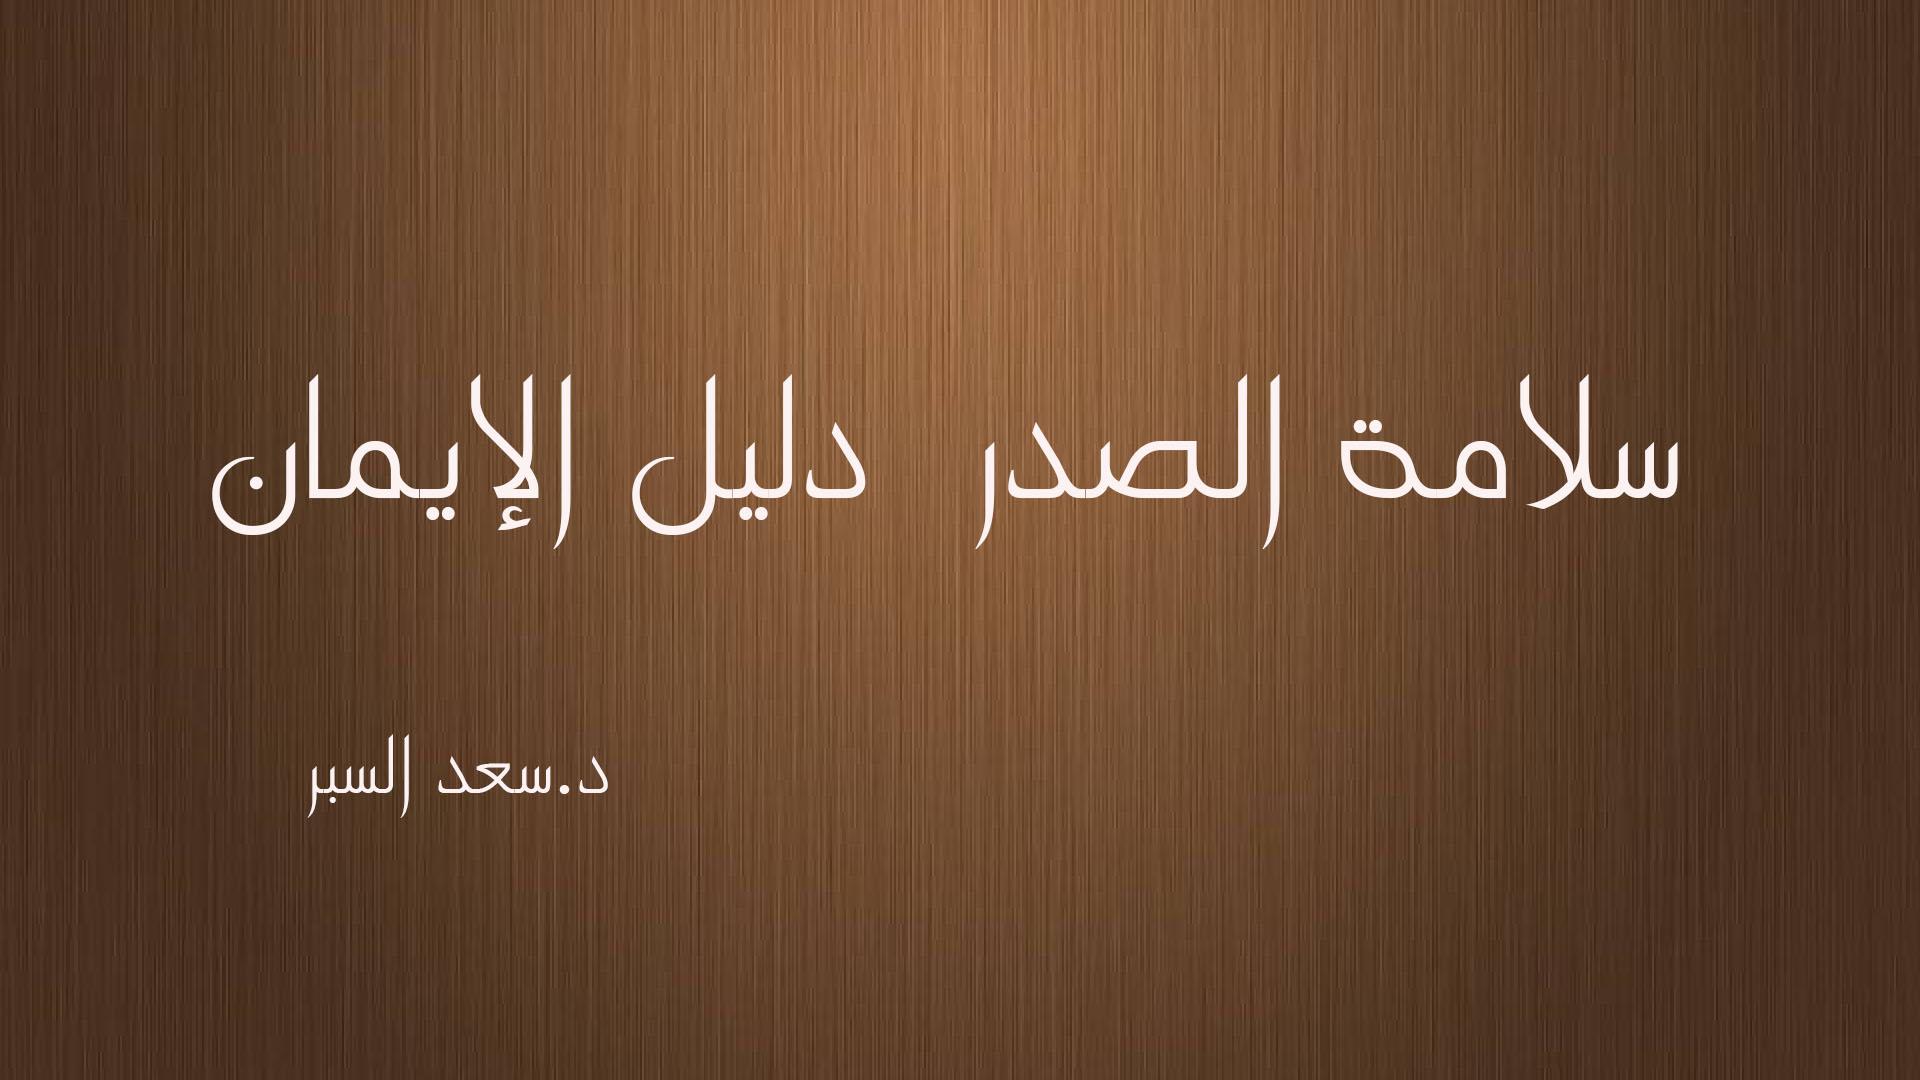 سلامة الصدر دليل الإيمان - خطب الجمعة